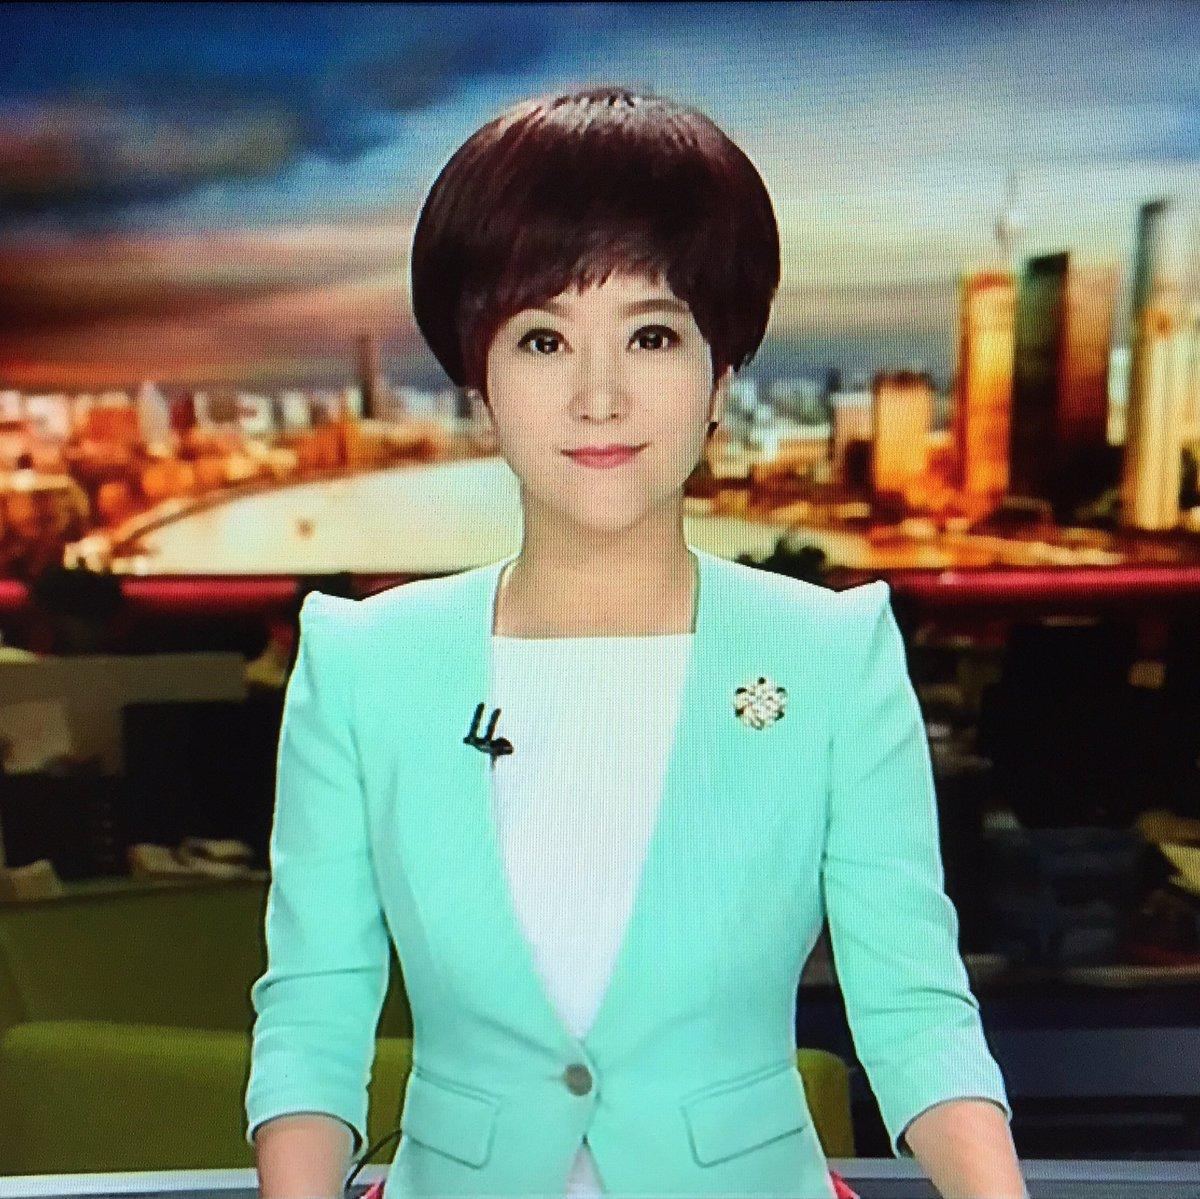 """しま on Twitter: """"上海の東方衛視の女子アナの髪型が気になりすぎる ..."""